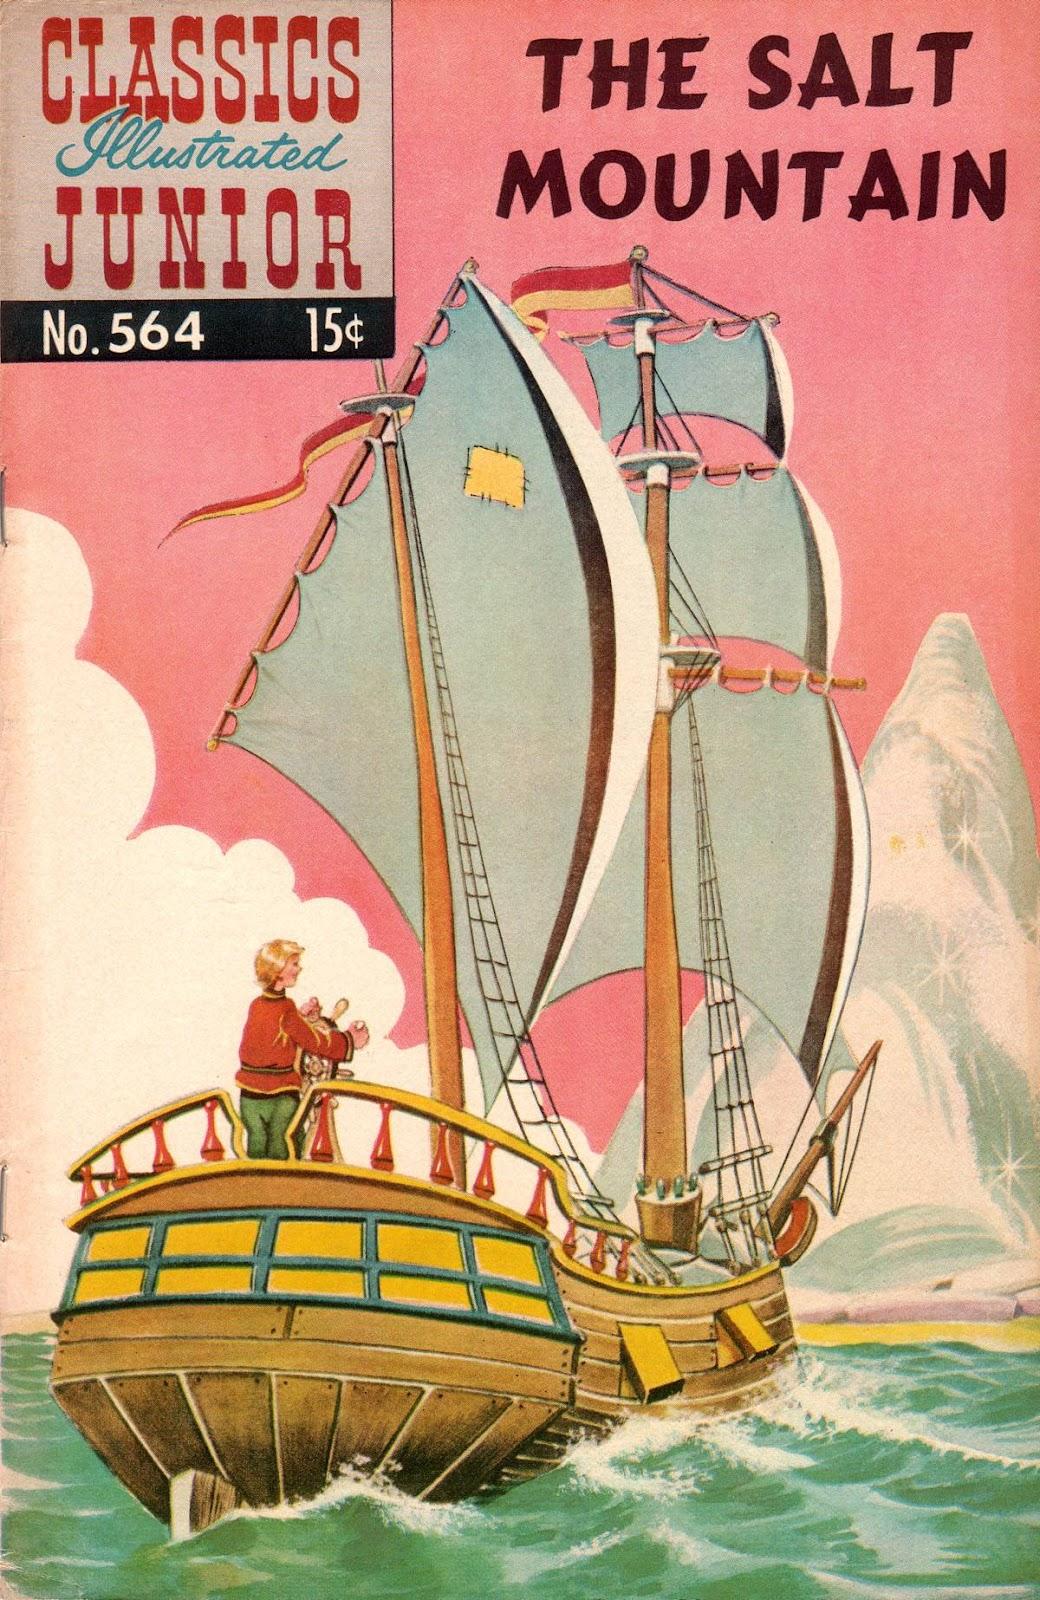 Classics Illustrated Junior 564 Page 1